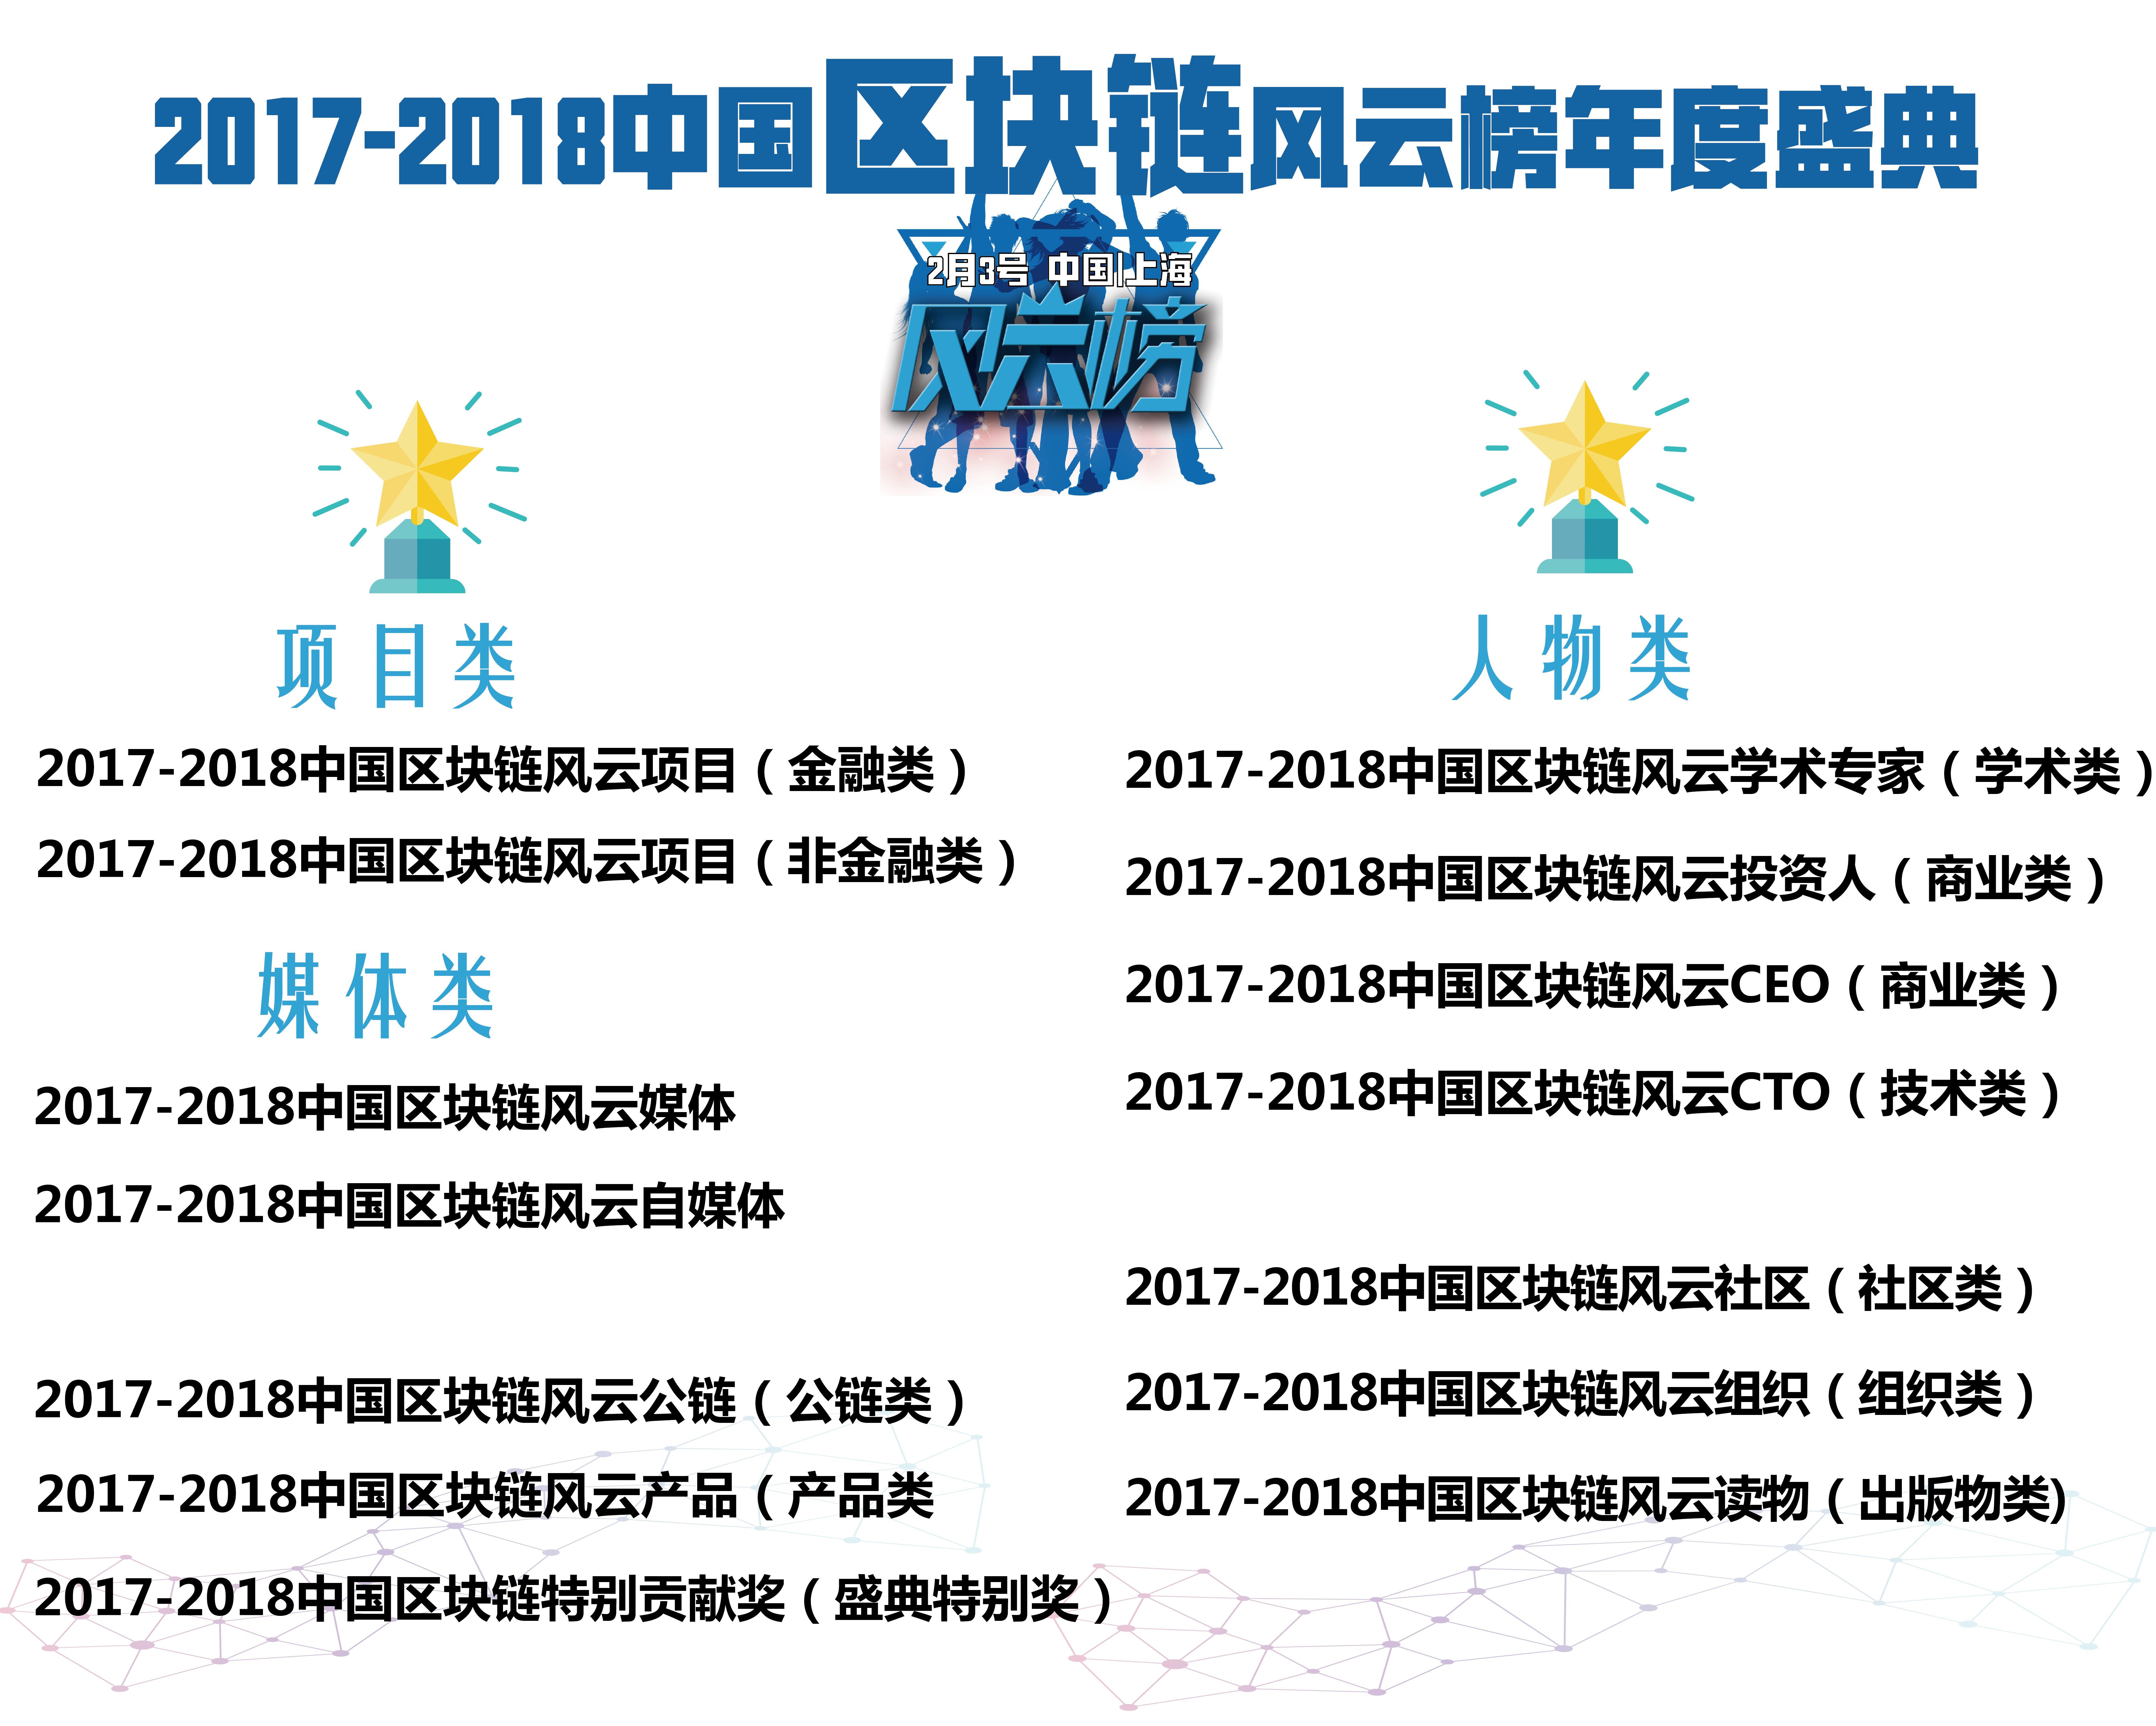 2017-2018中国区块链风云榜盛典